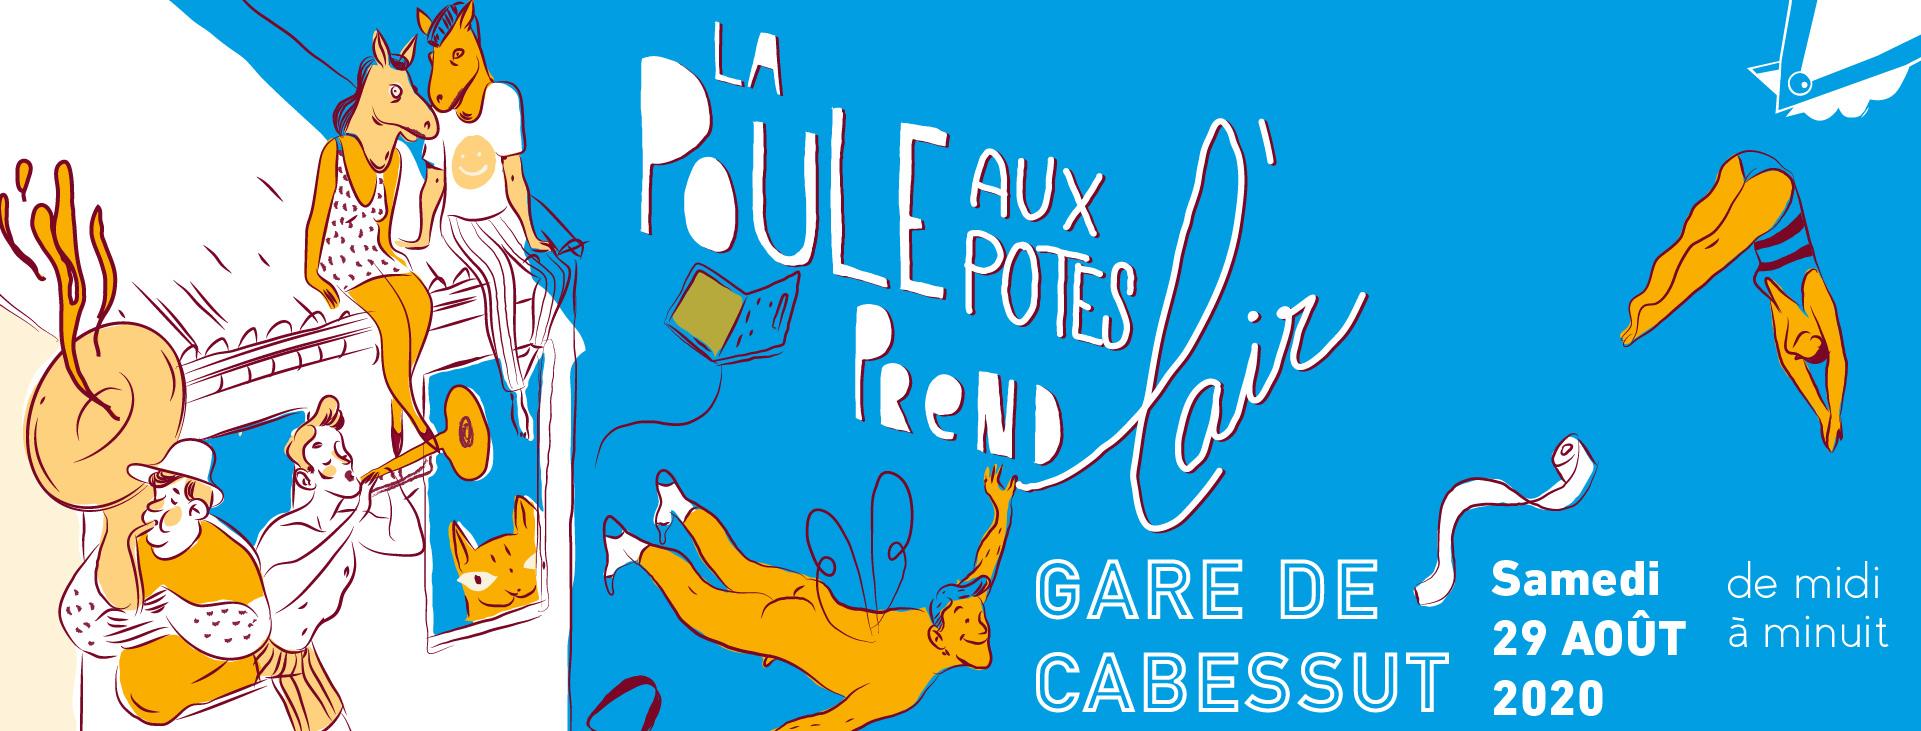 PouleAuxPotes